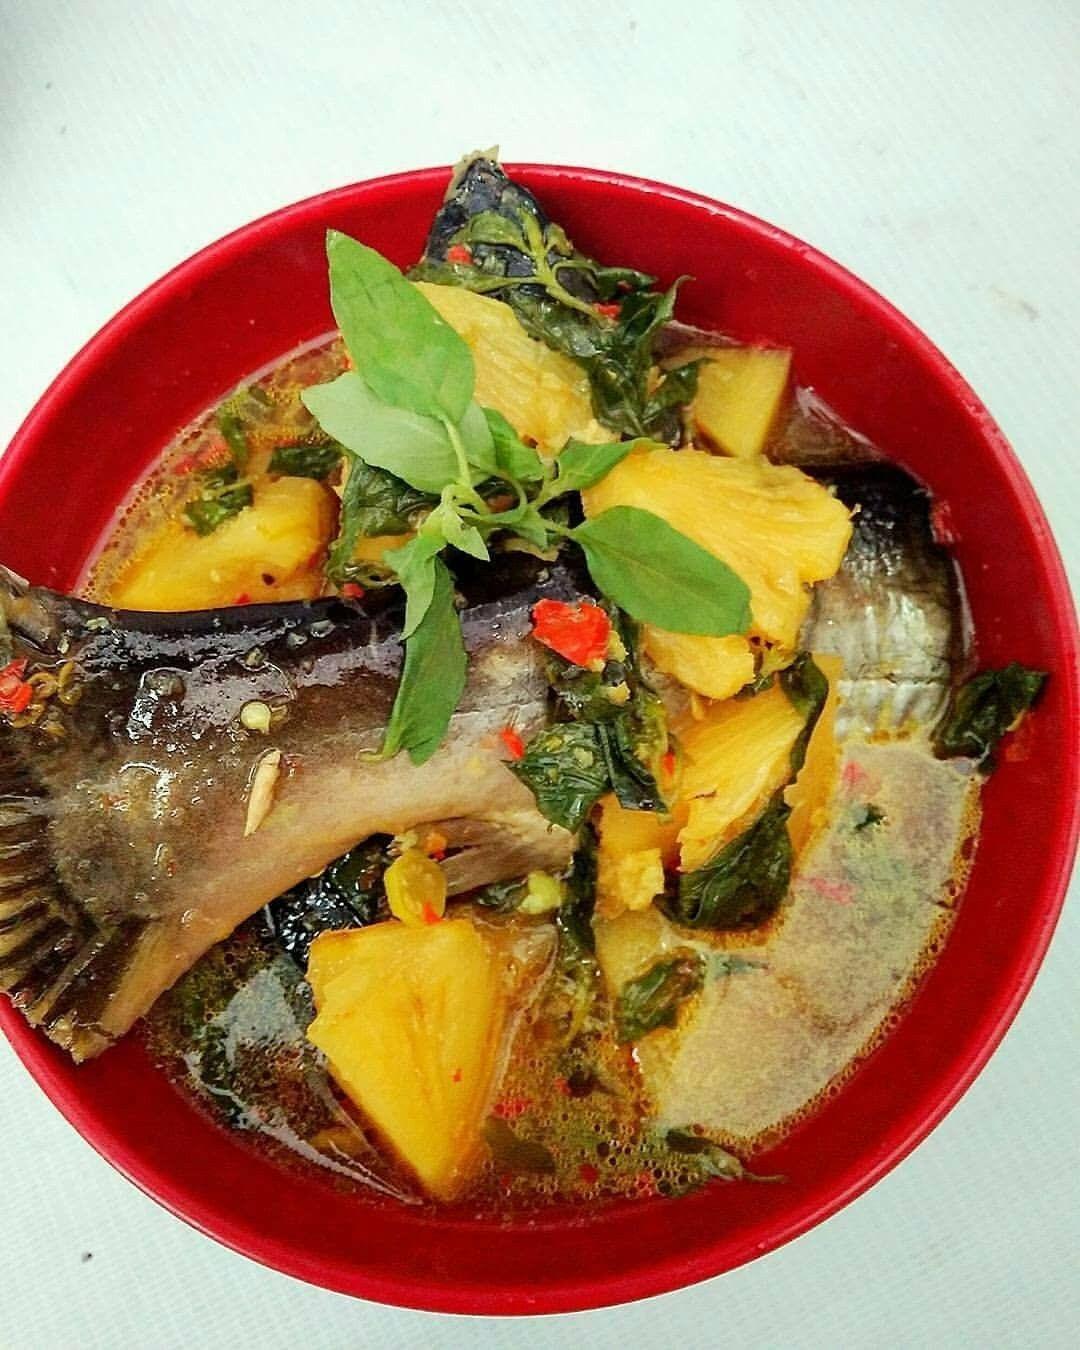 Pindang Ikan Patin Makanan Masakan Kacang Merah